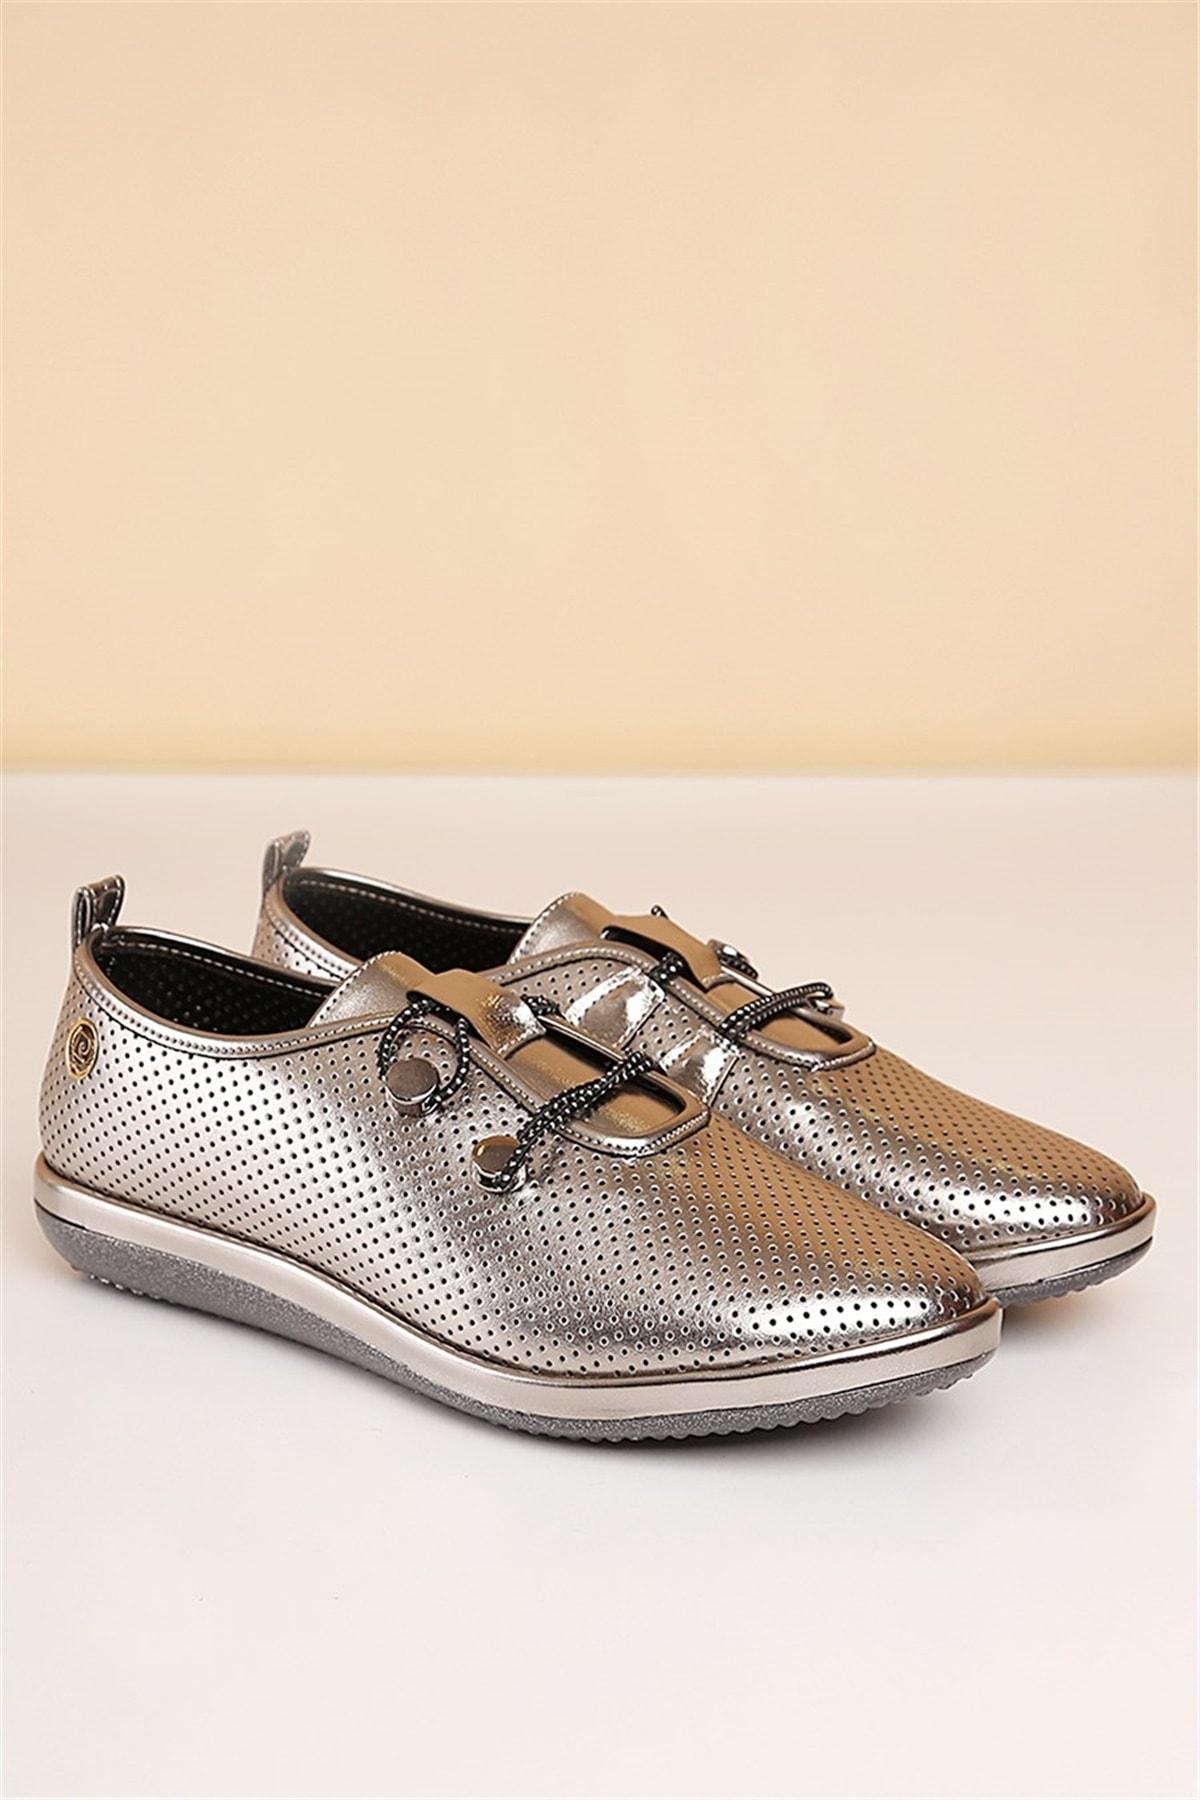 Pierre Cardin Kadın Günlük Ayakkabı-gümüş